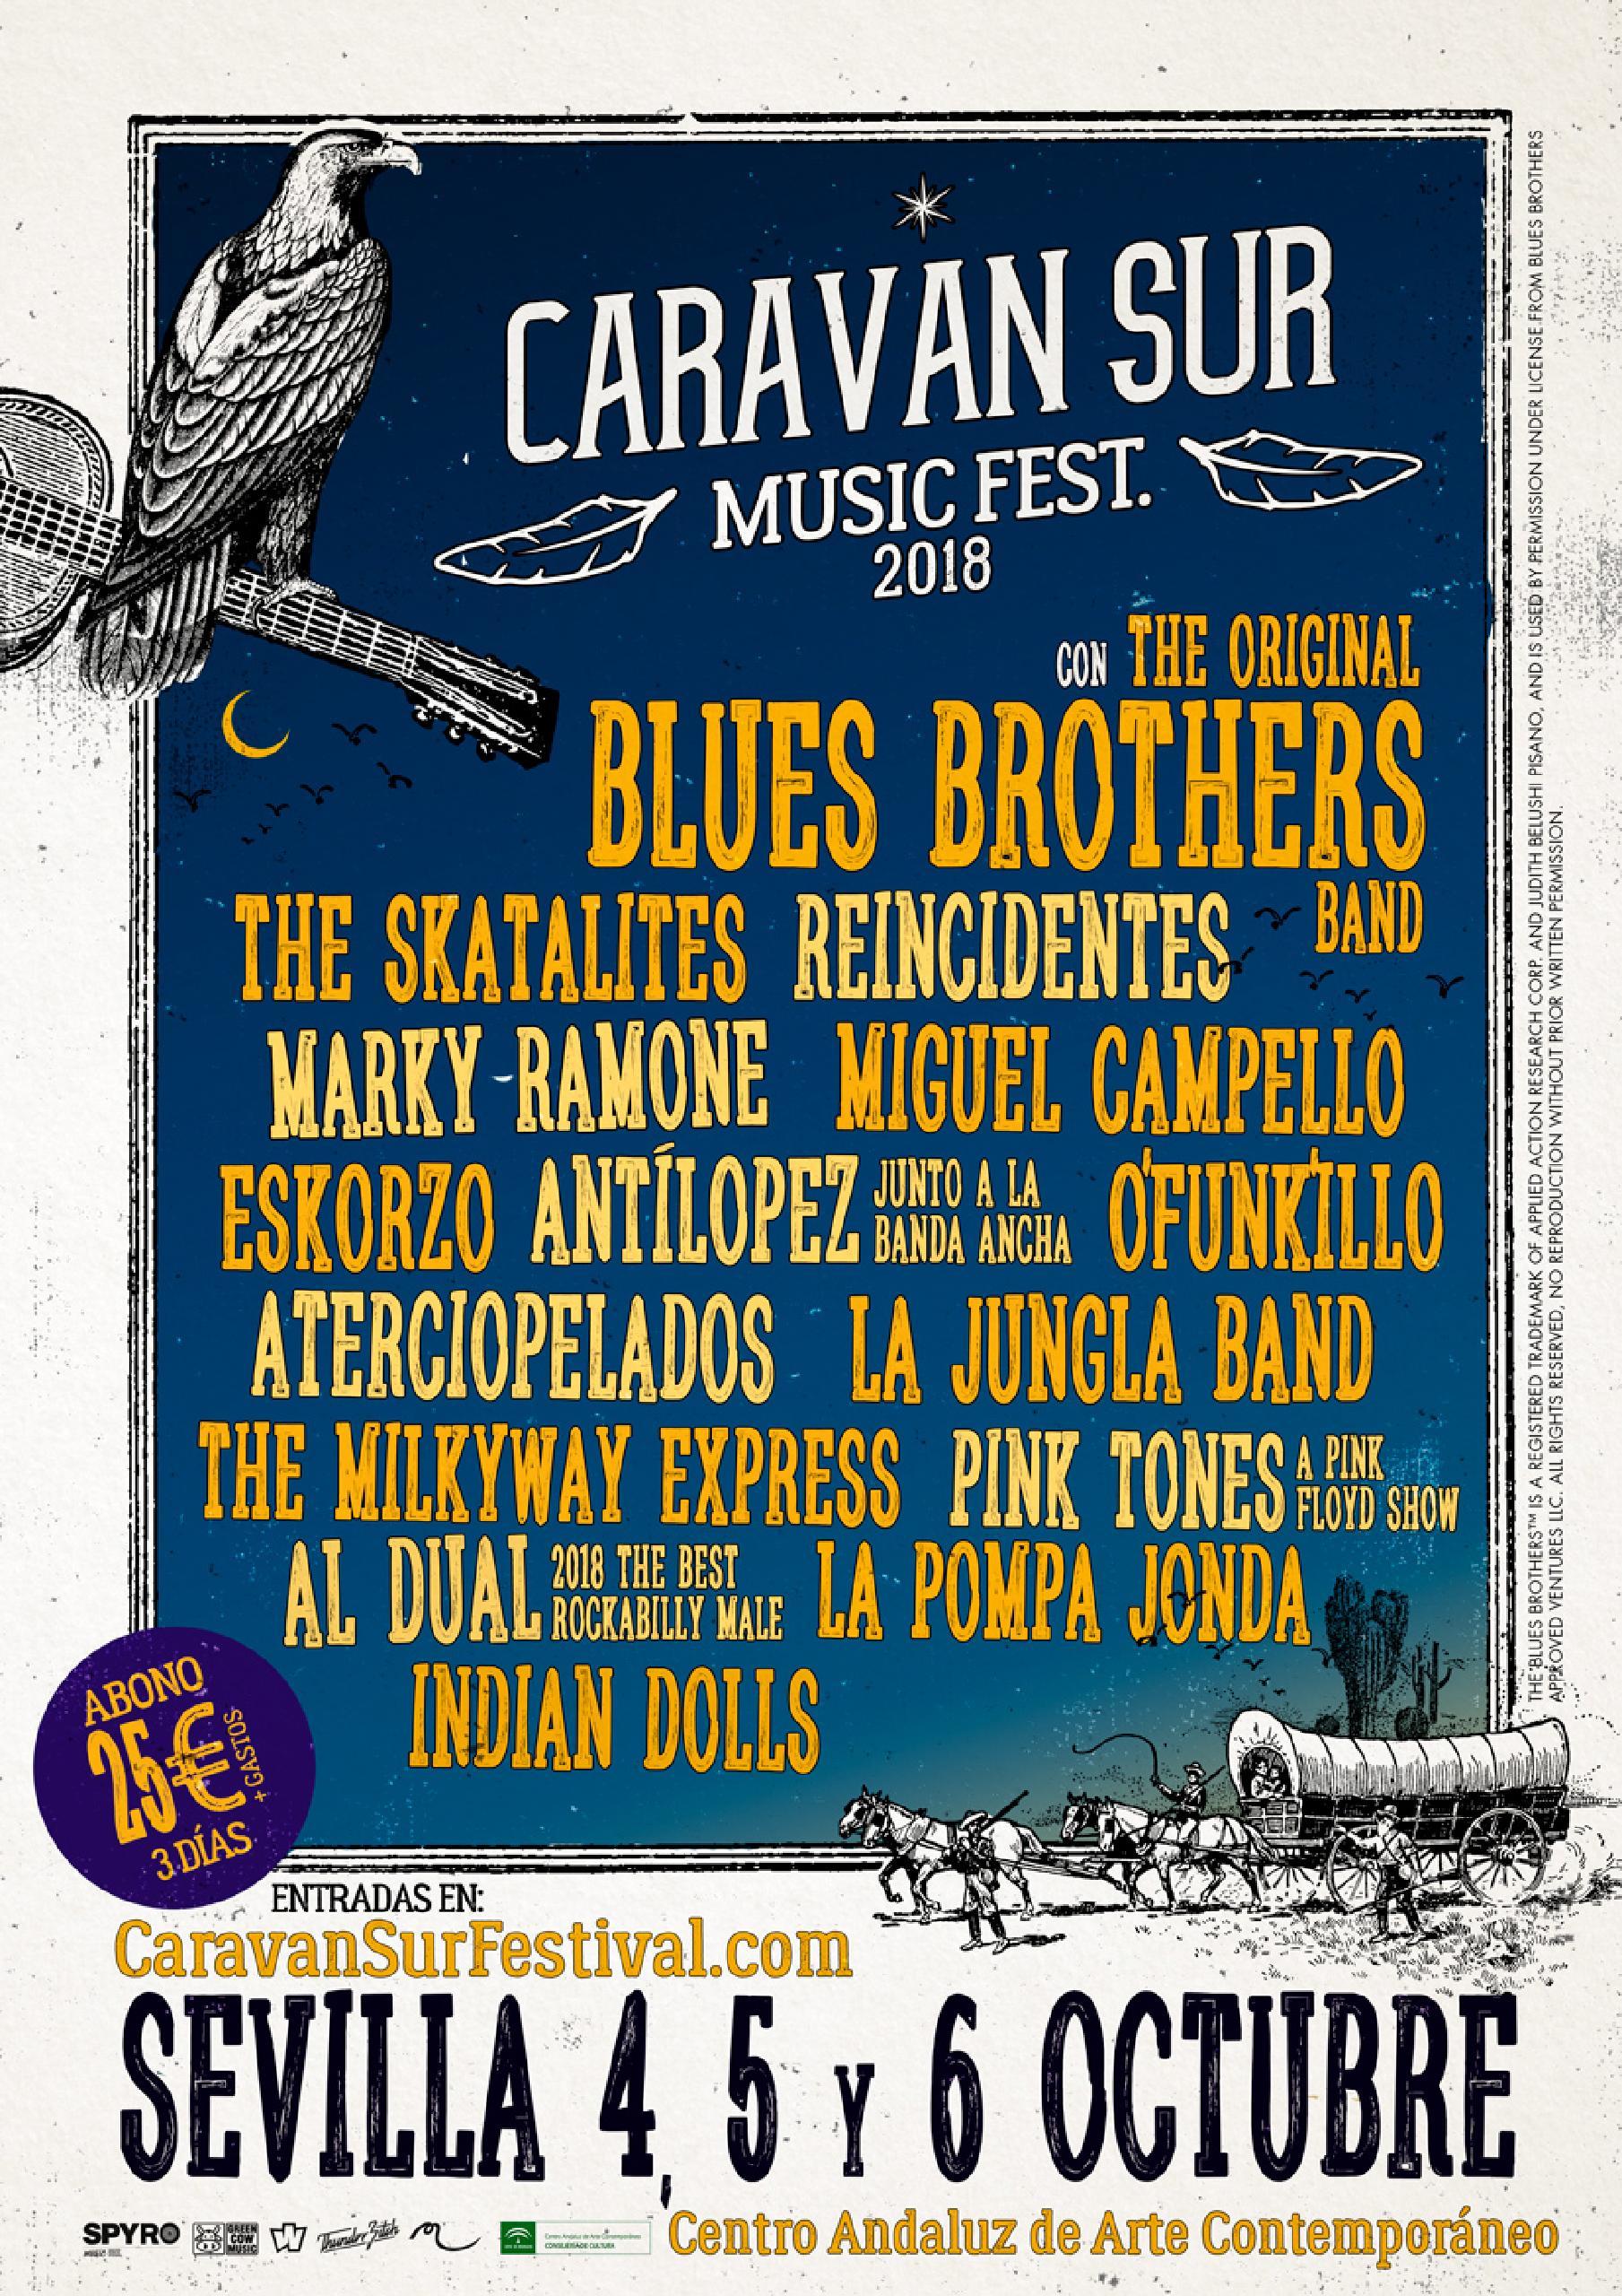 Sevilla 4, 5 y 6 Octubre 2018